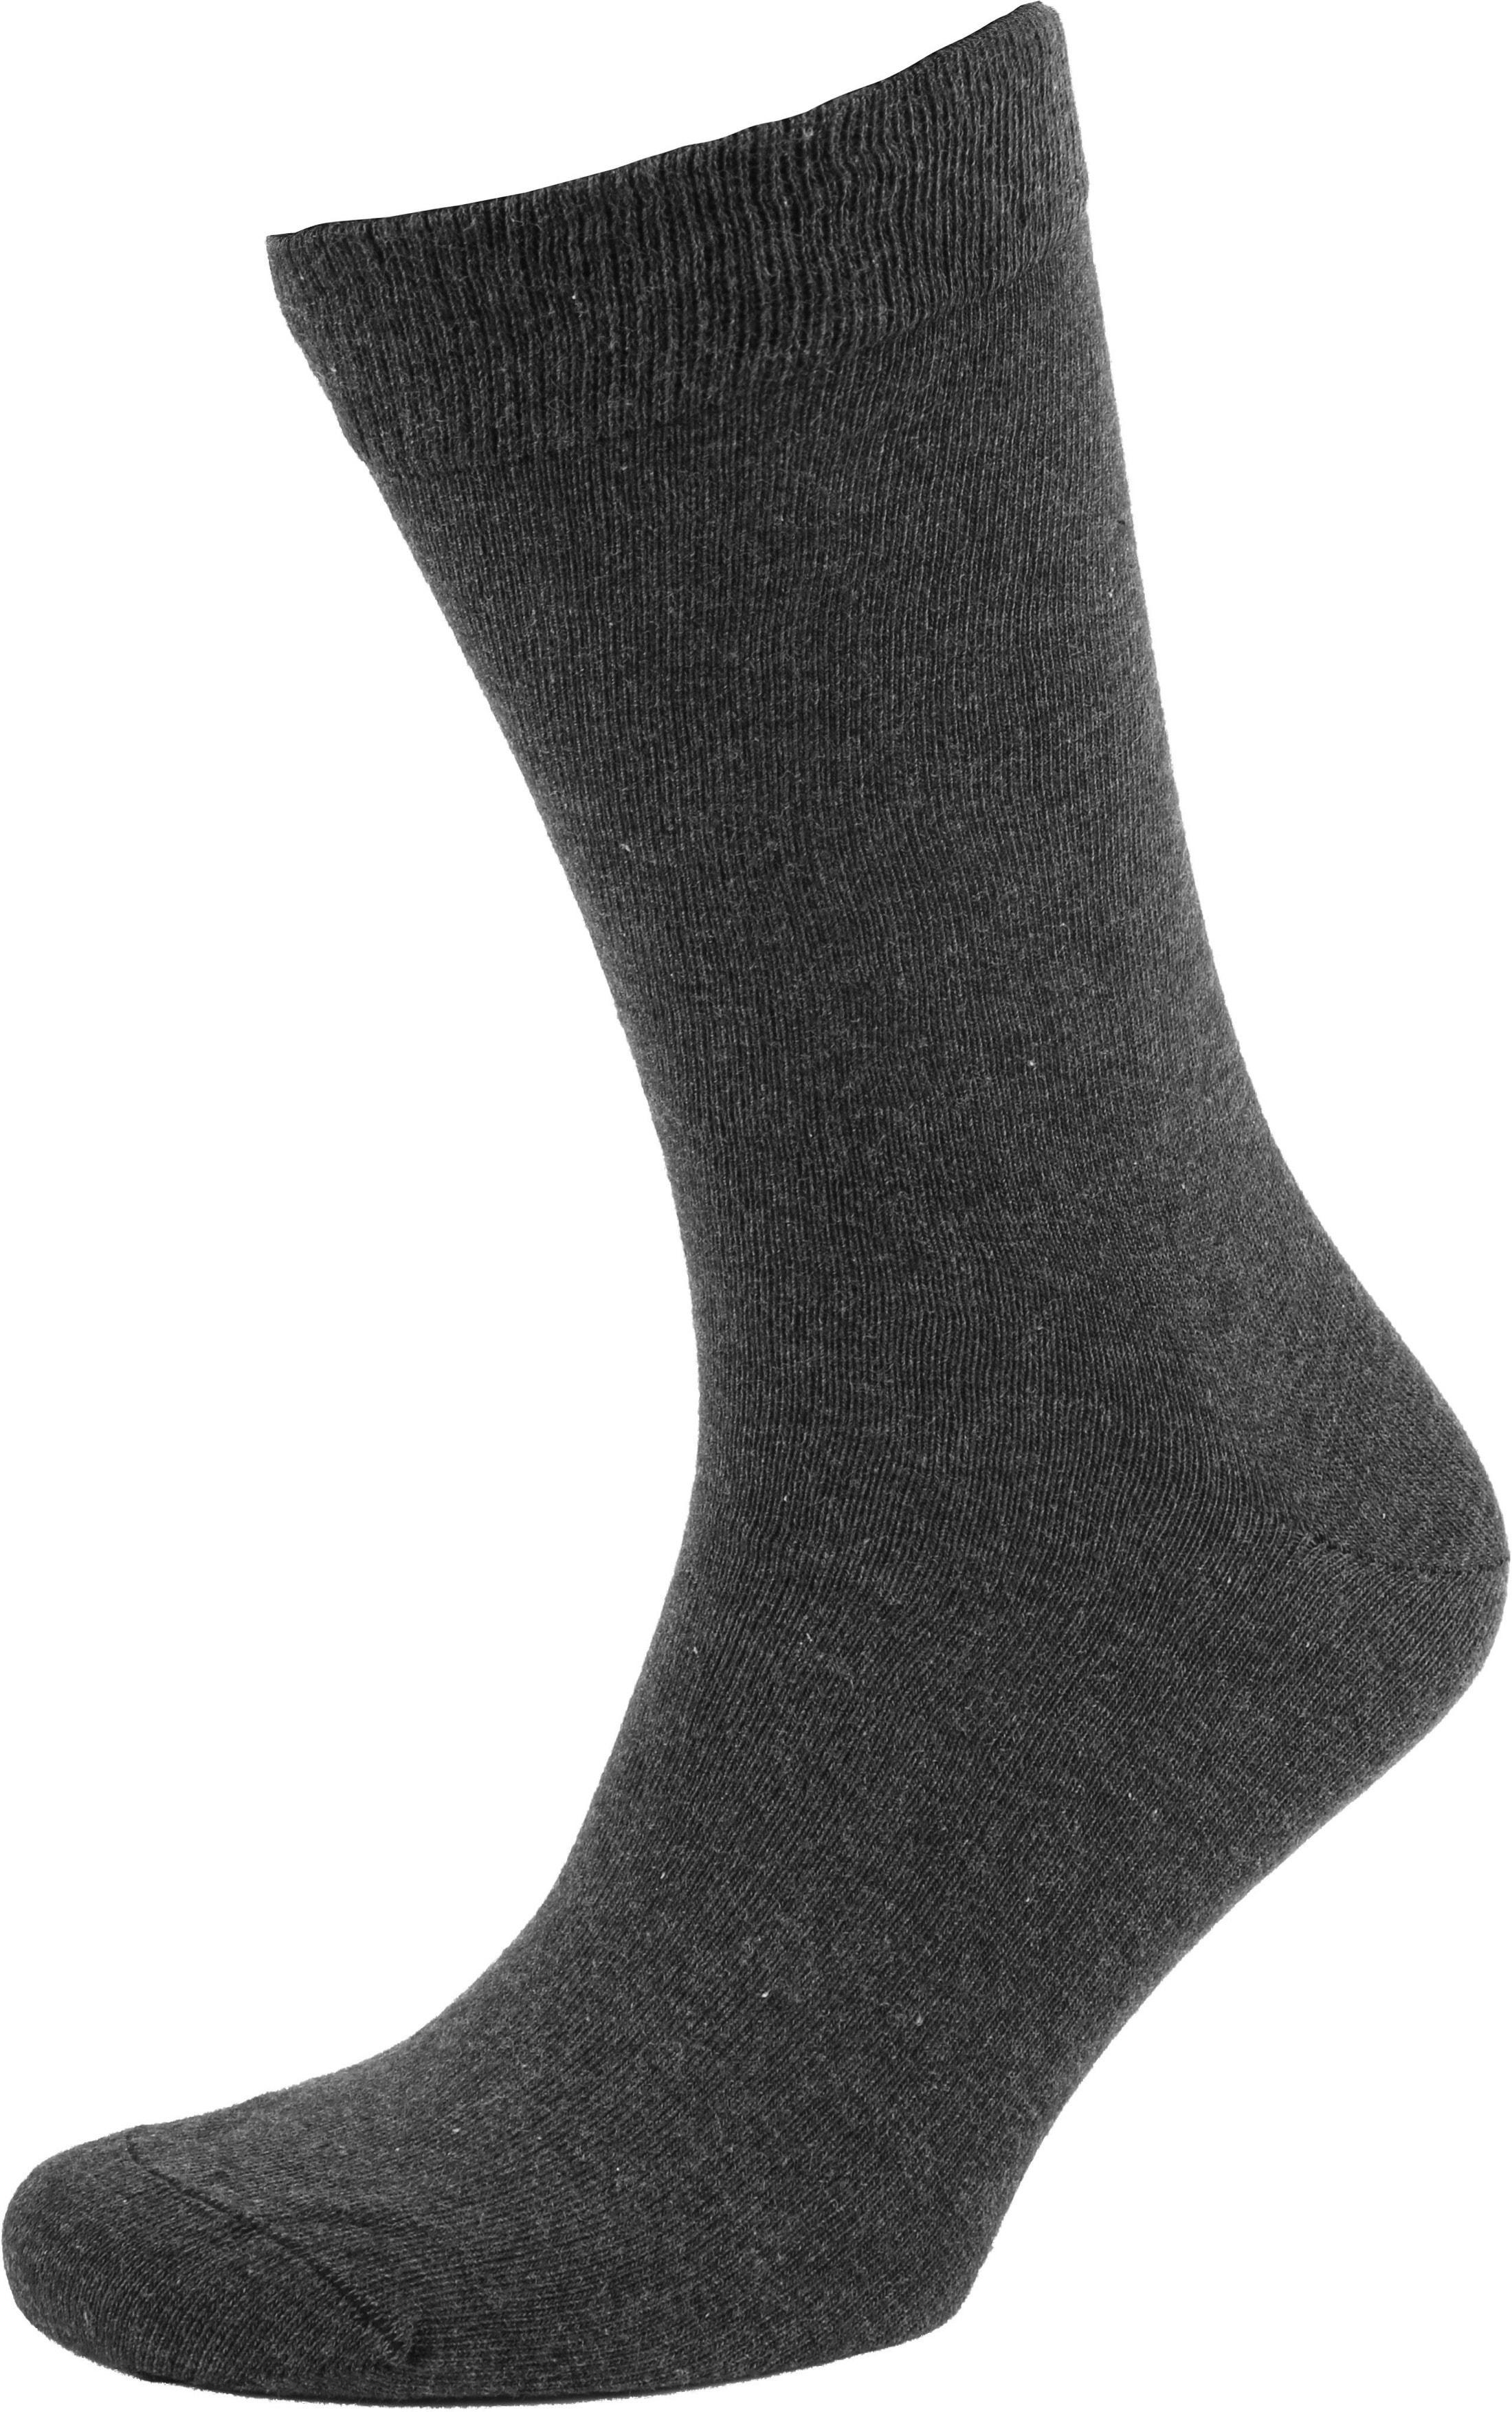 Suitable Bio-Baumwolle Socken Dunkelgrau 6-Pack foto 2